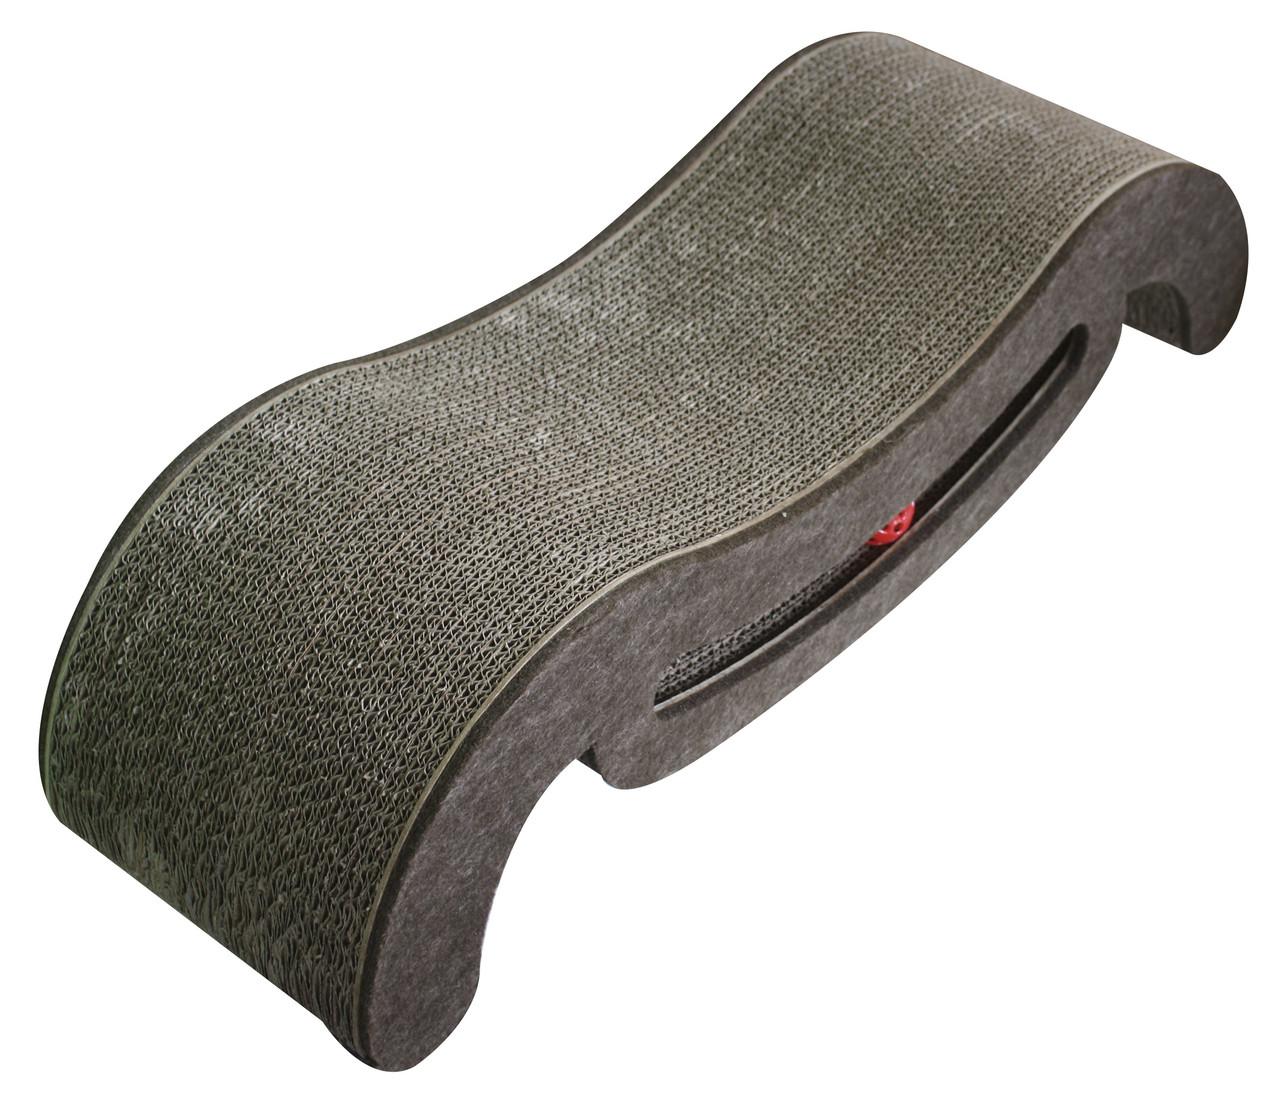 Когтеточка CROCI Papercat Sofa, софа с игрушкой, гофракартон, 69х24х37см *